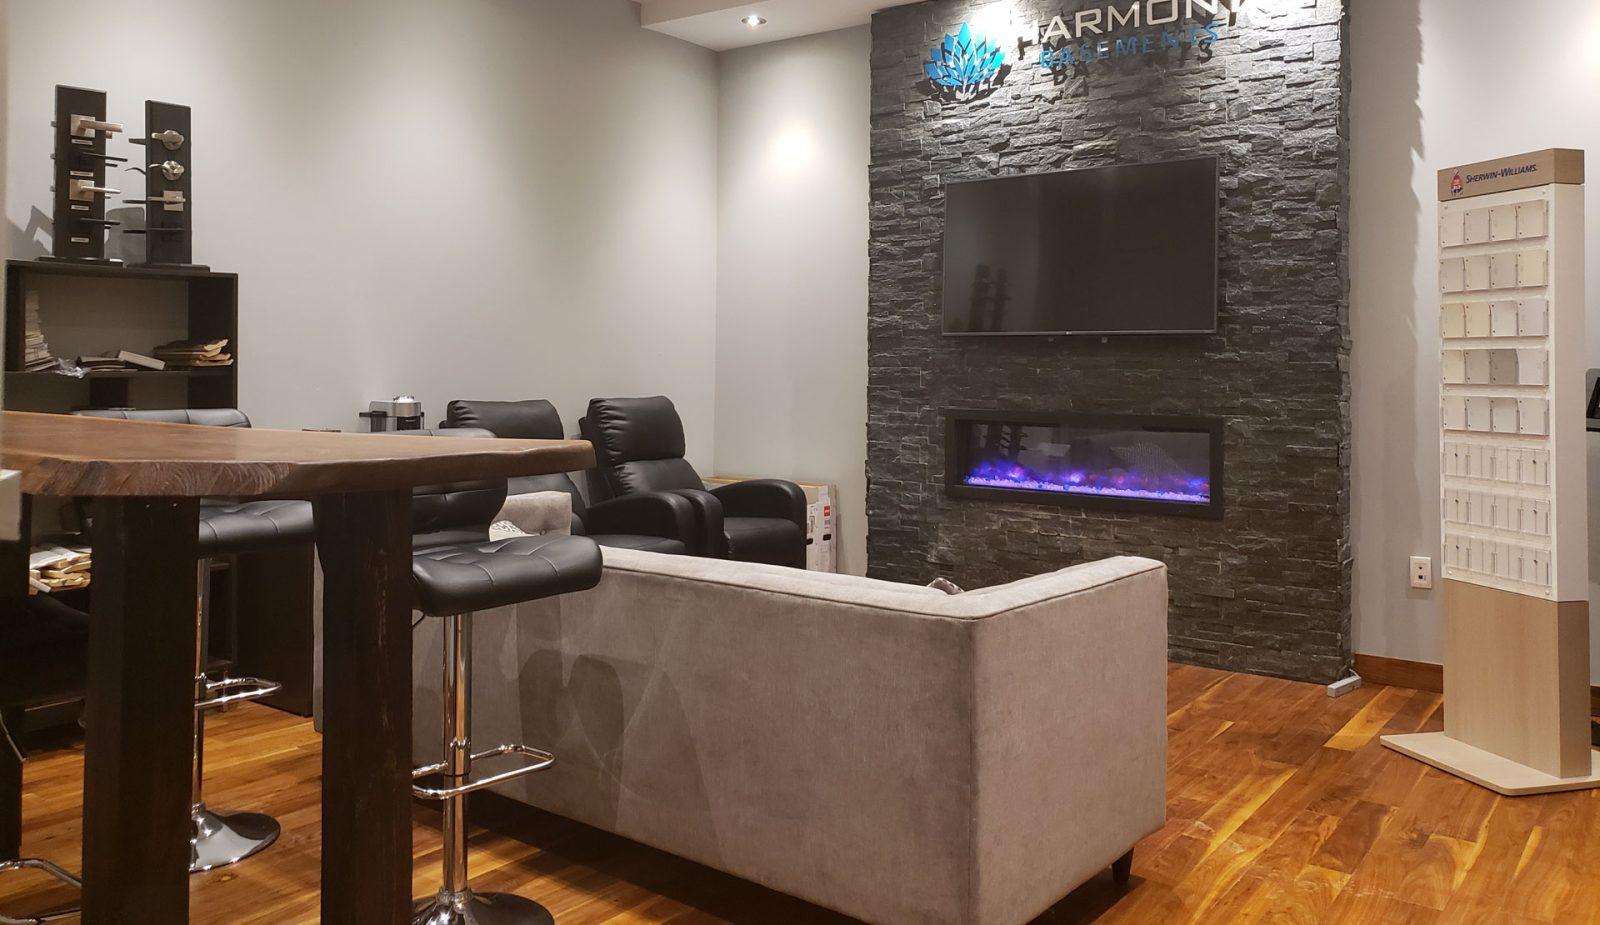 Harmony basements office